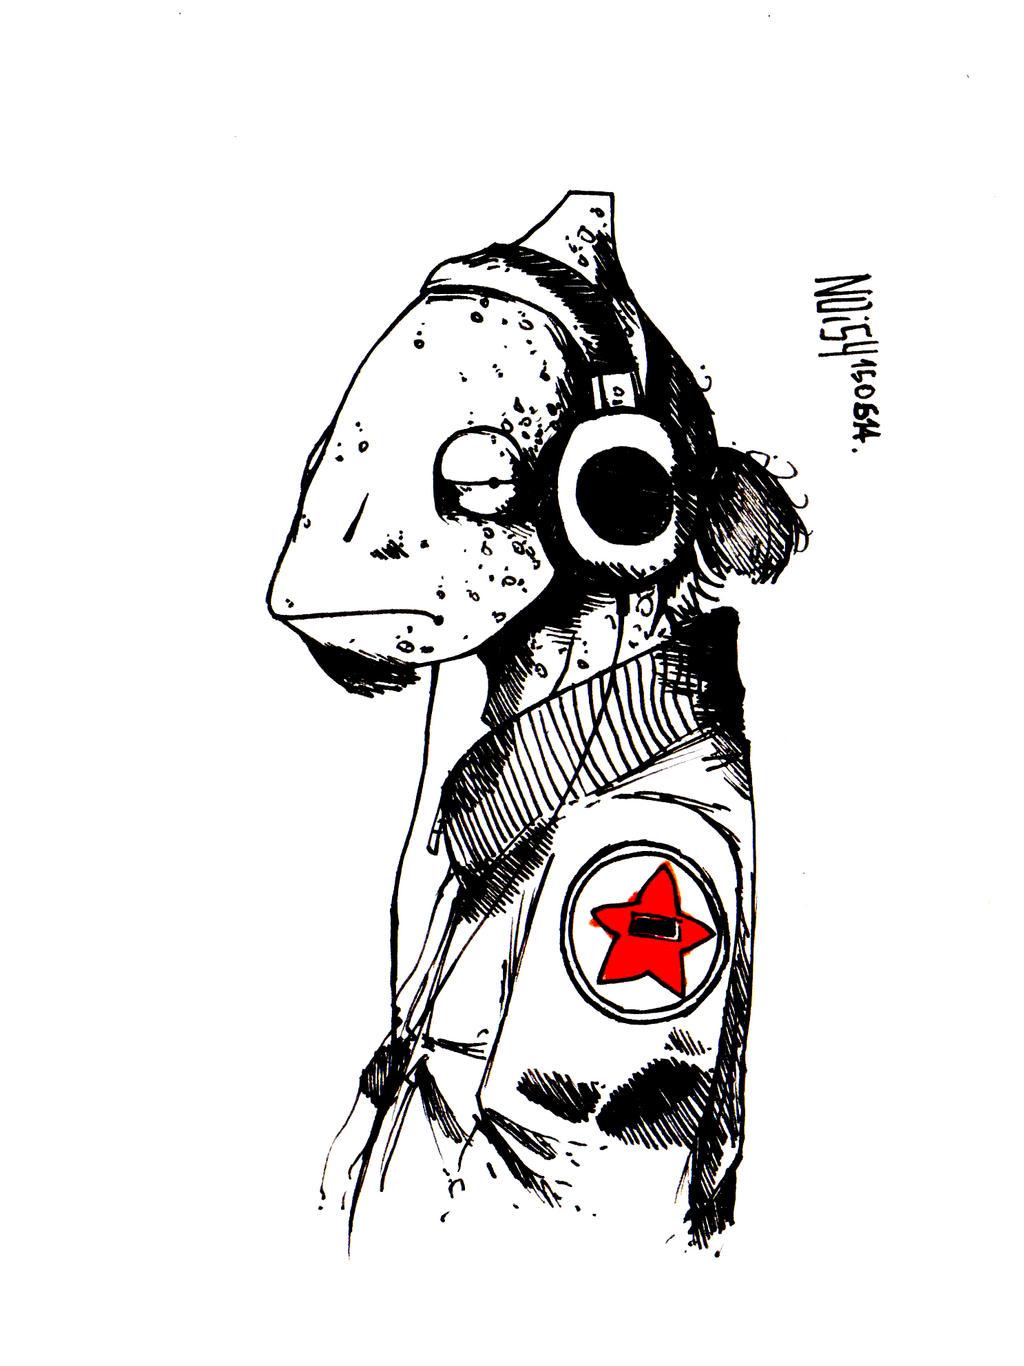 mag744's Profile Picture